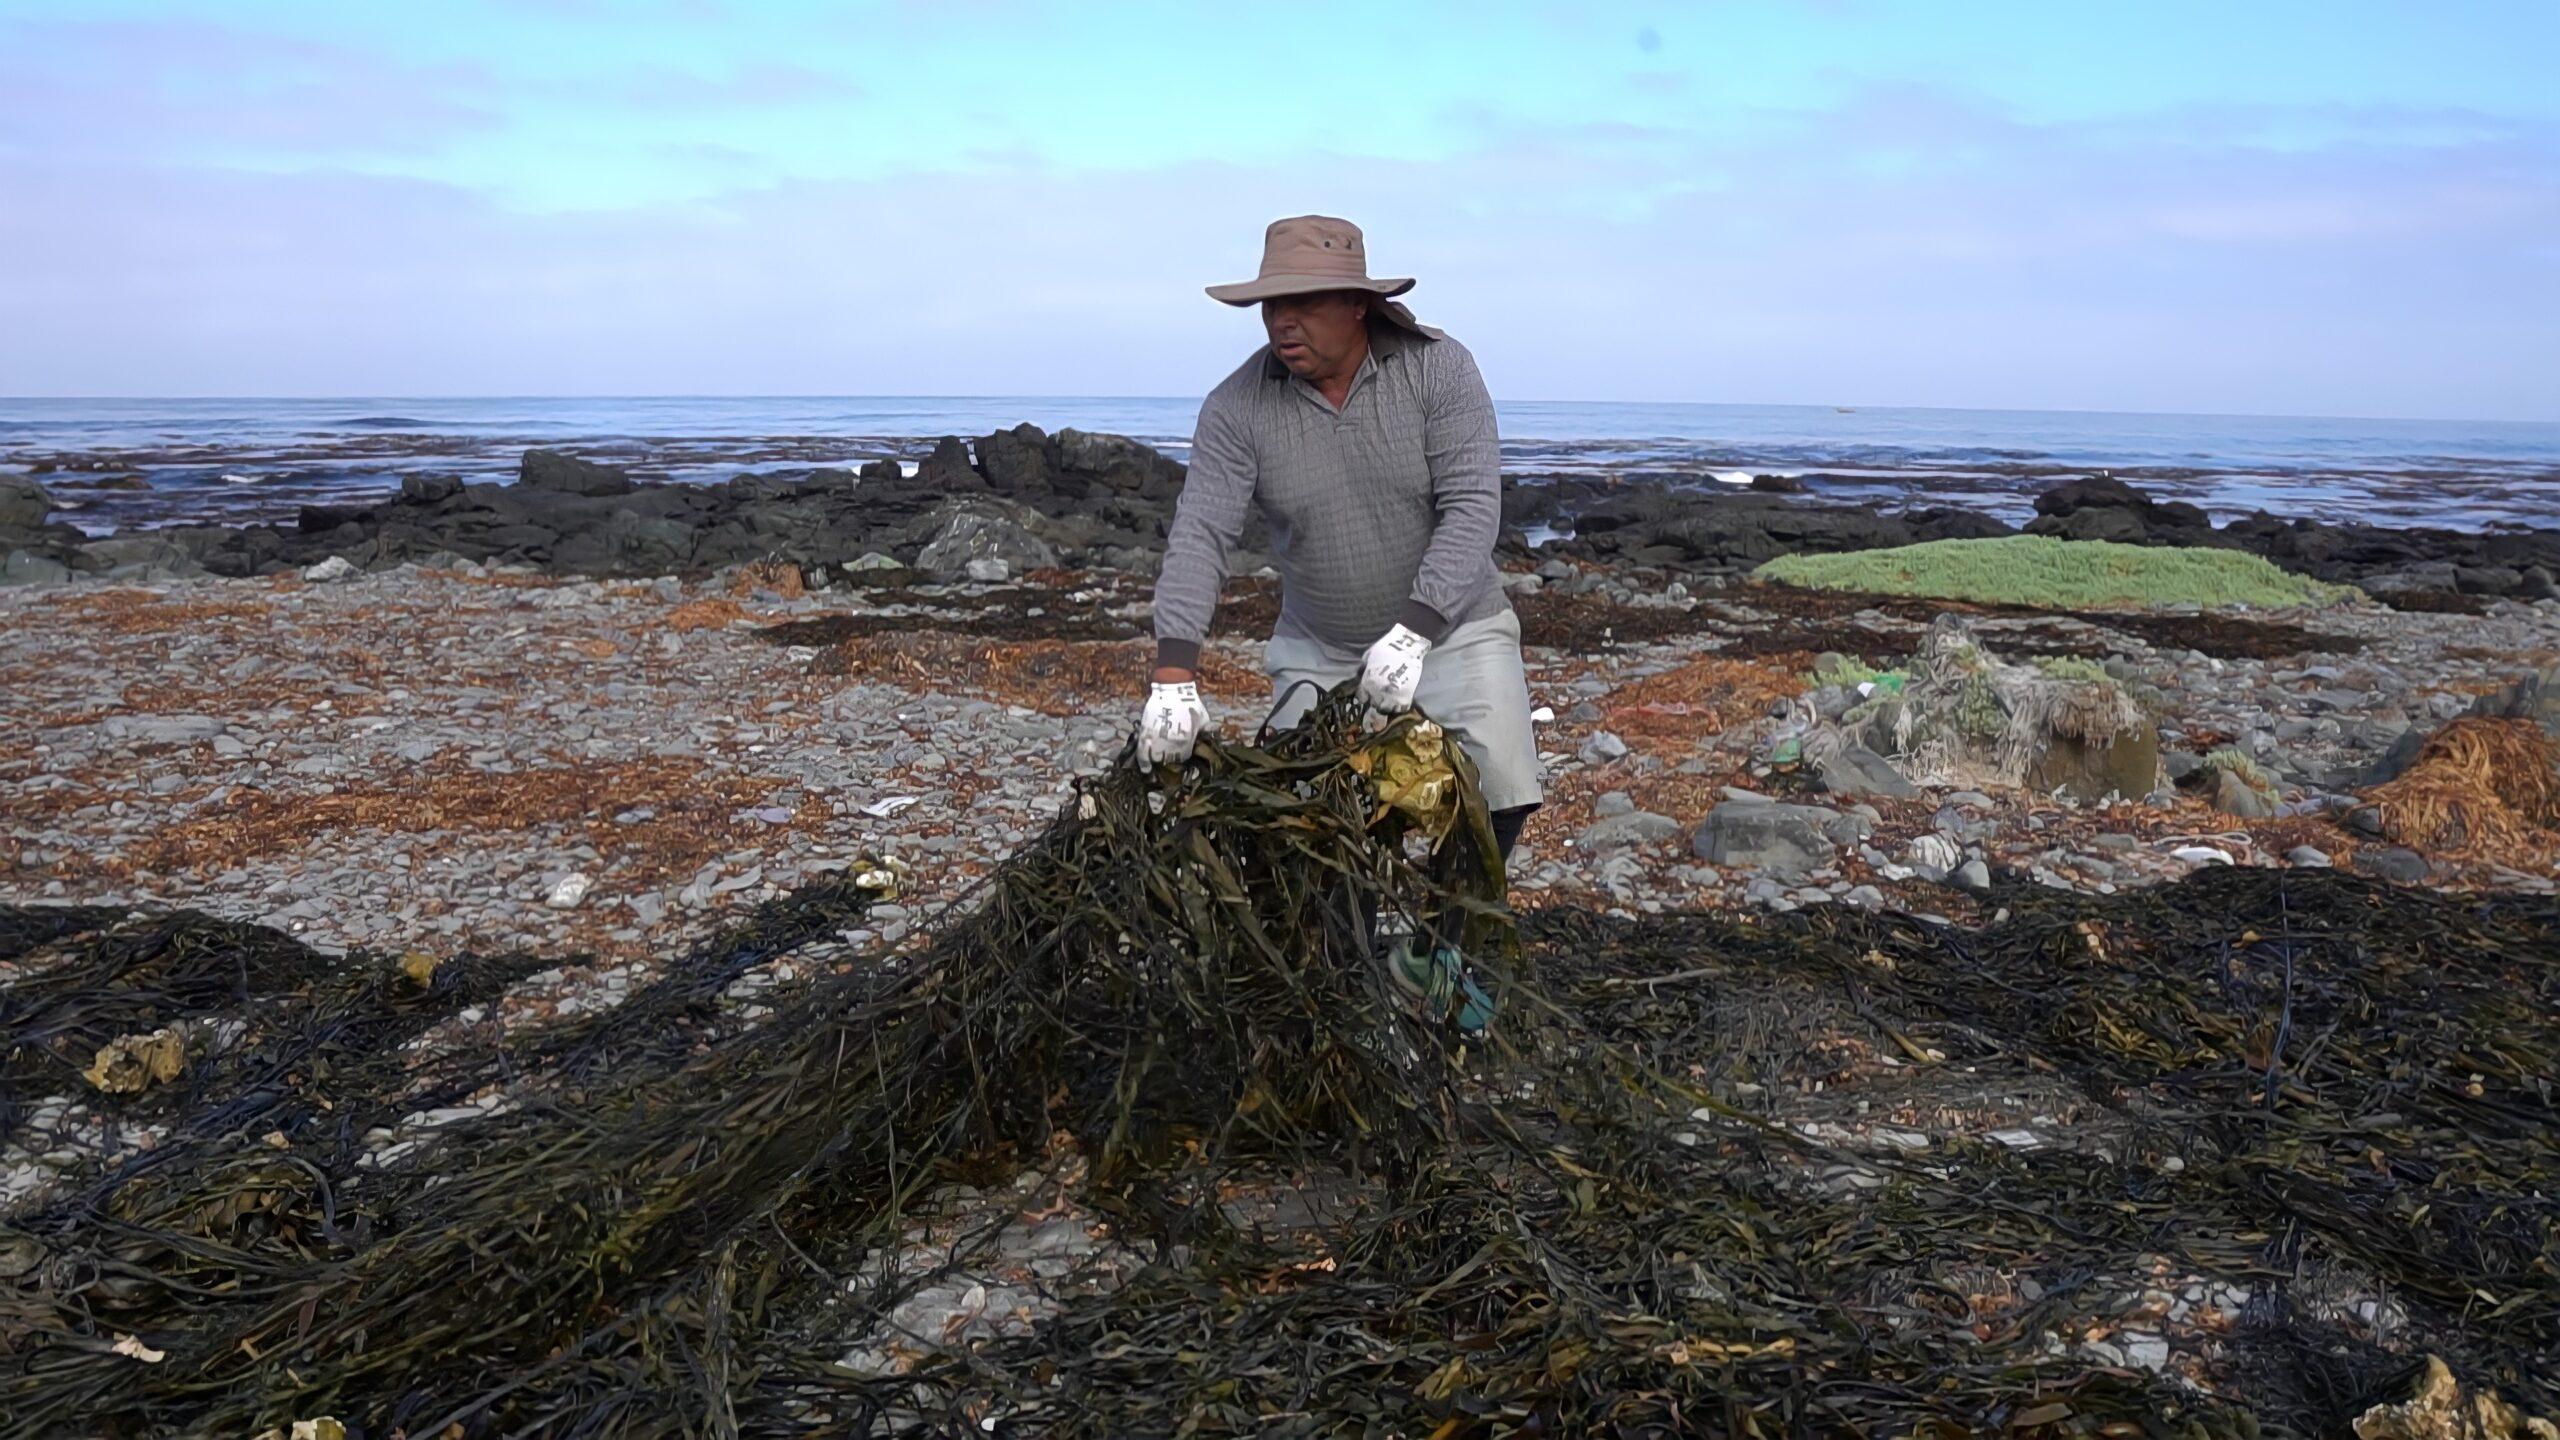 チリ漁民による海藻収集風景